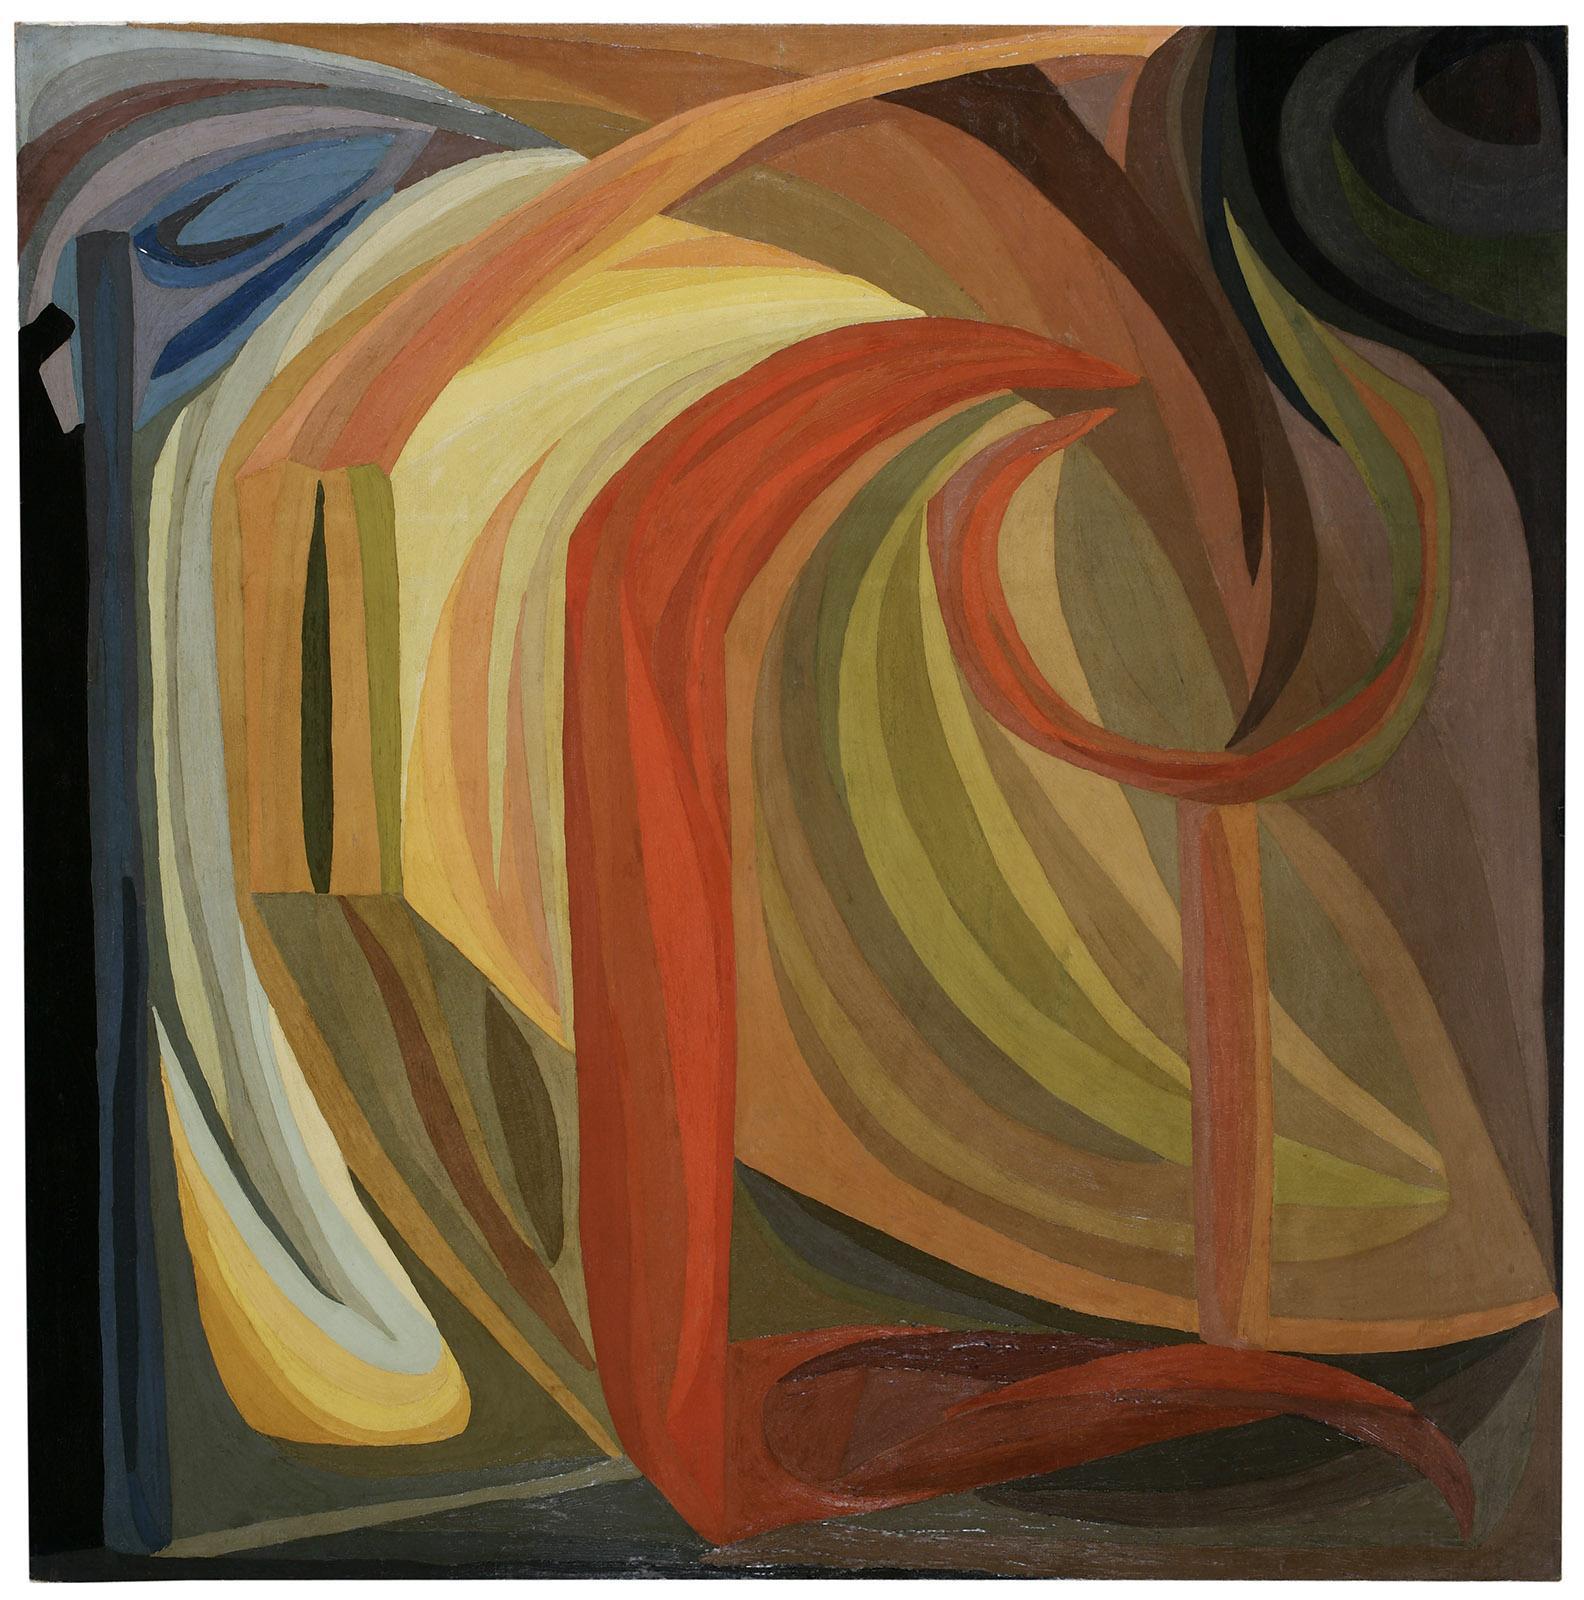 Composition, 1911 Huile sur toile, 200 x 200 cm Musée d'Art moderne de la Ville de Paris © Paris musées